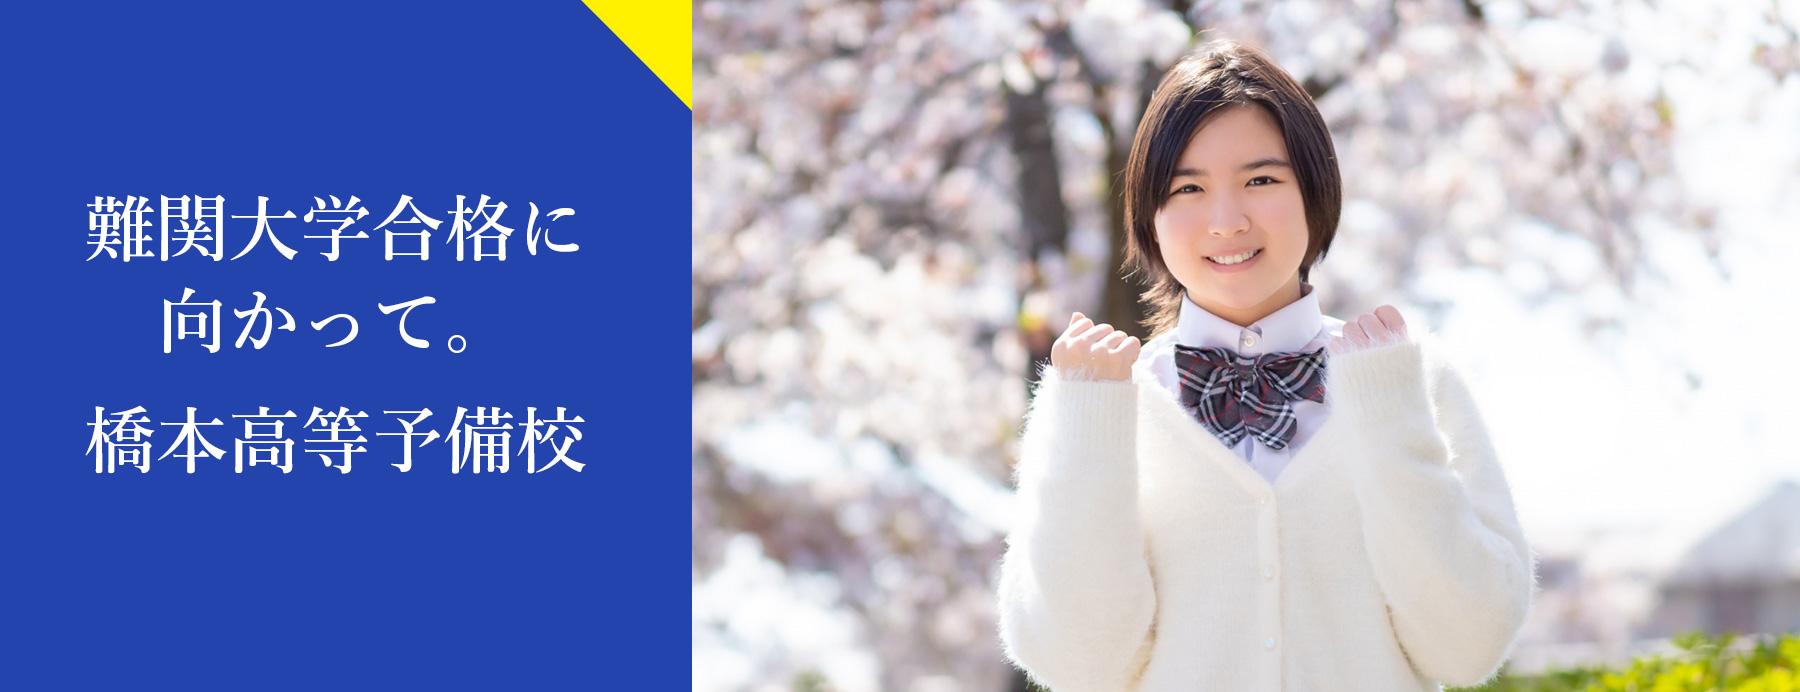 高校生卒業生コース 東大、早稲田、医学部など難関大合格は橋本の進学塾・予備校ハシケンHASHIKEN